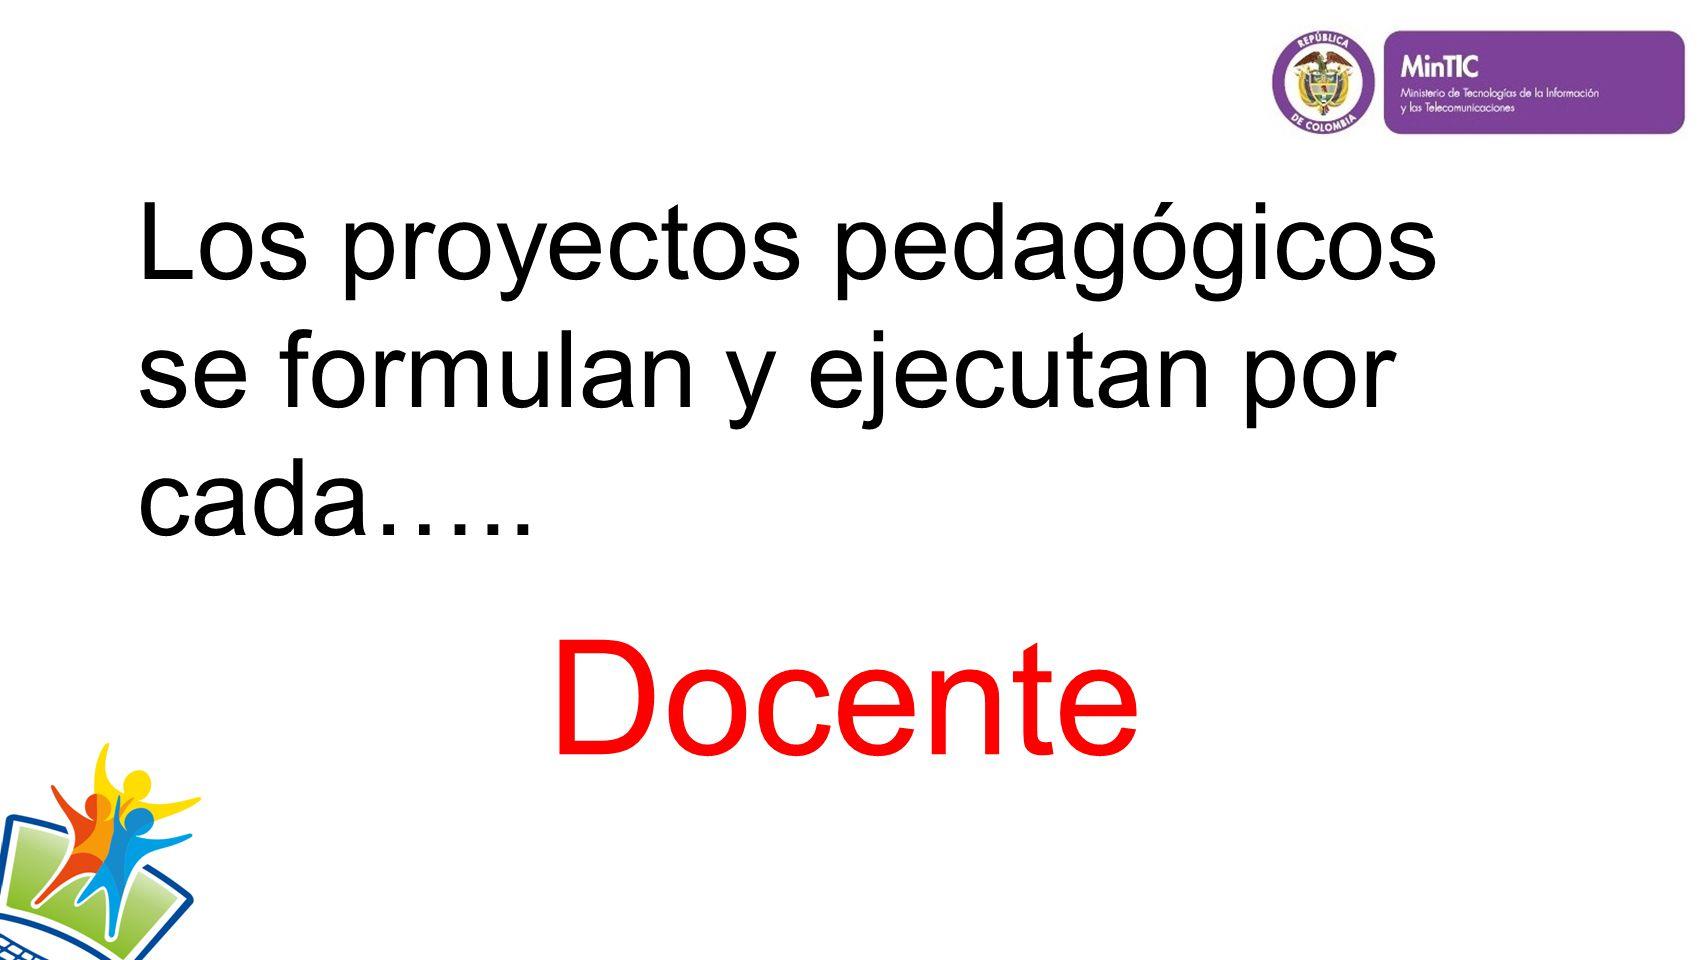 Los proyectos pedagógicos se formulan y ejecutan por cada….. Docente